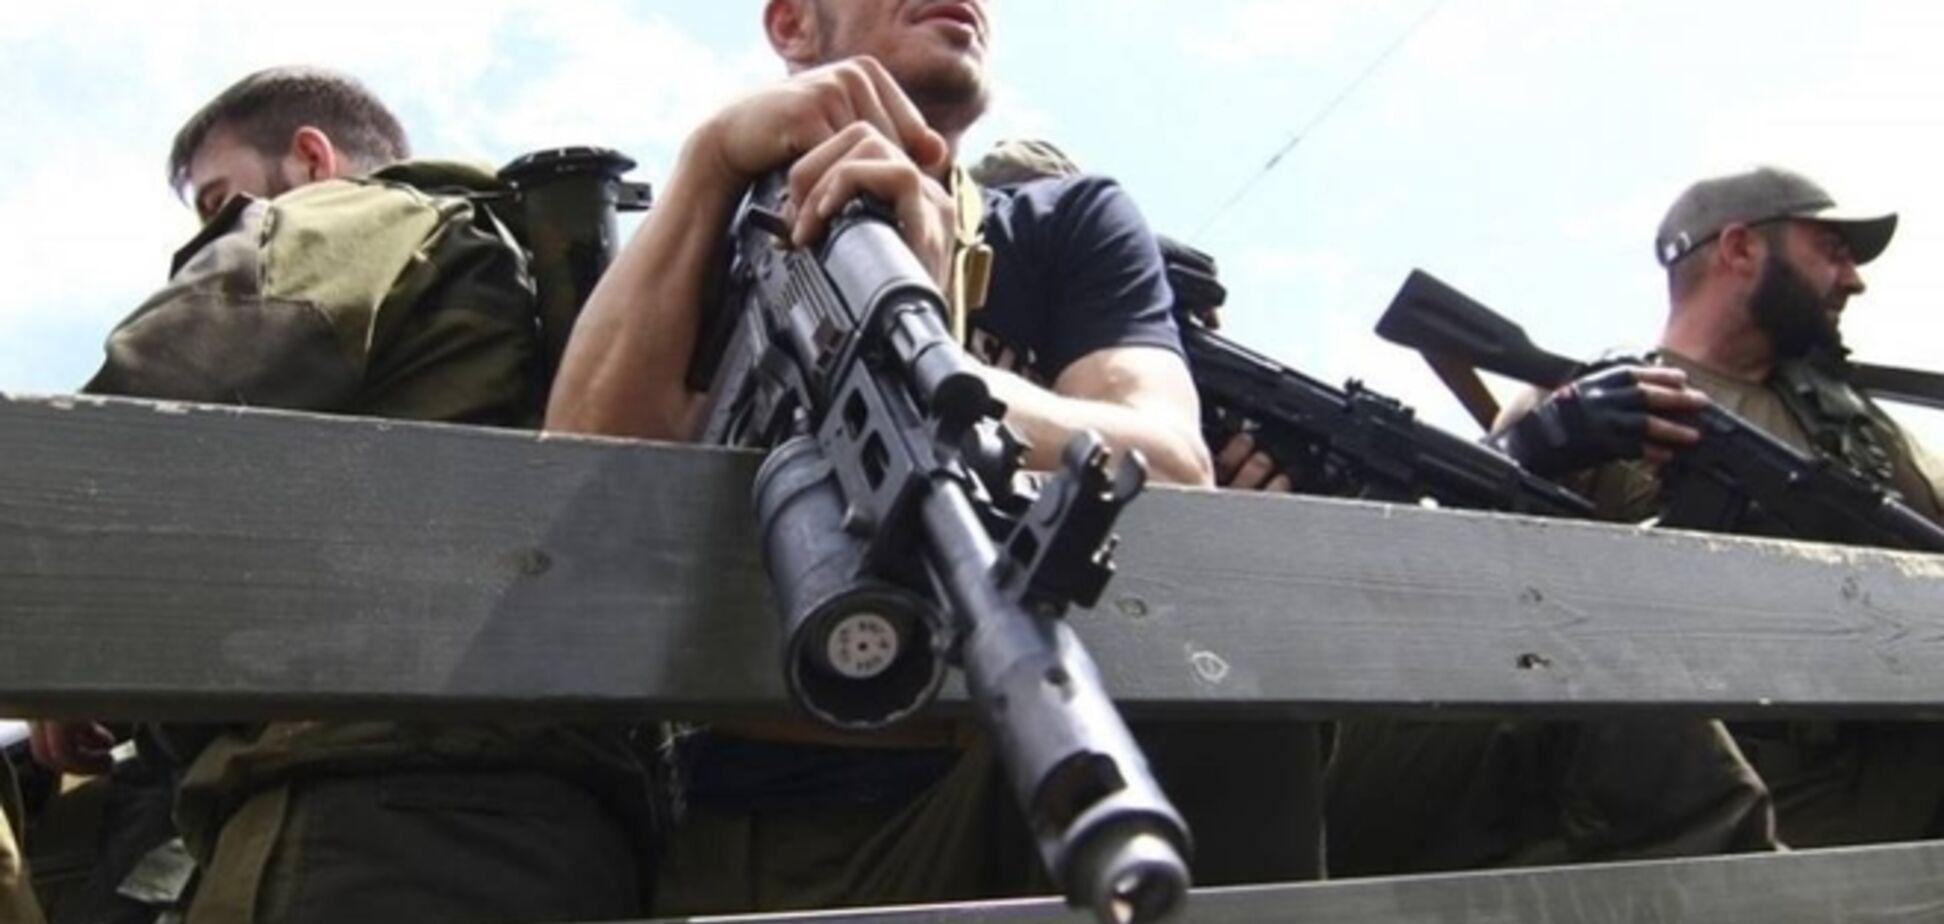 Ночью в междоусобных разборках были убиты два главаря террористов